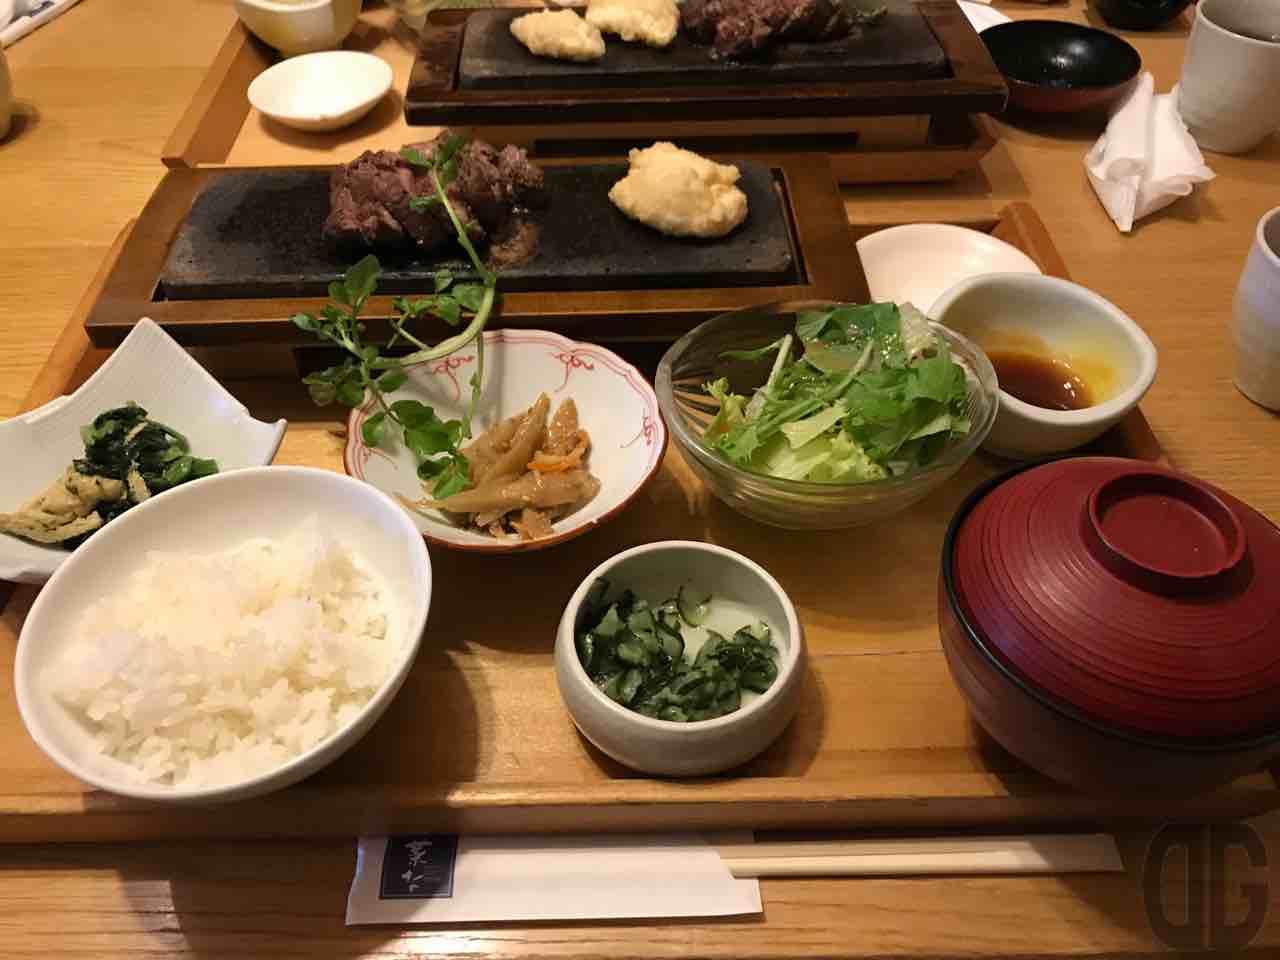 菜なKITTE丸の内店で 牛ヒレ肉の石焼き御膳をいただく。ヒレ肉バンザイ\(^o^)/